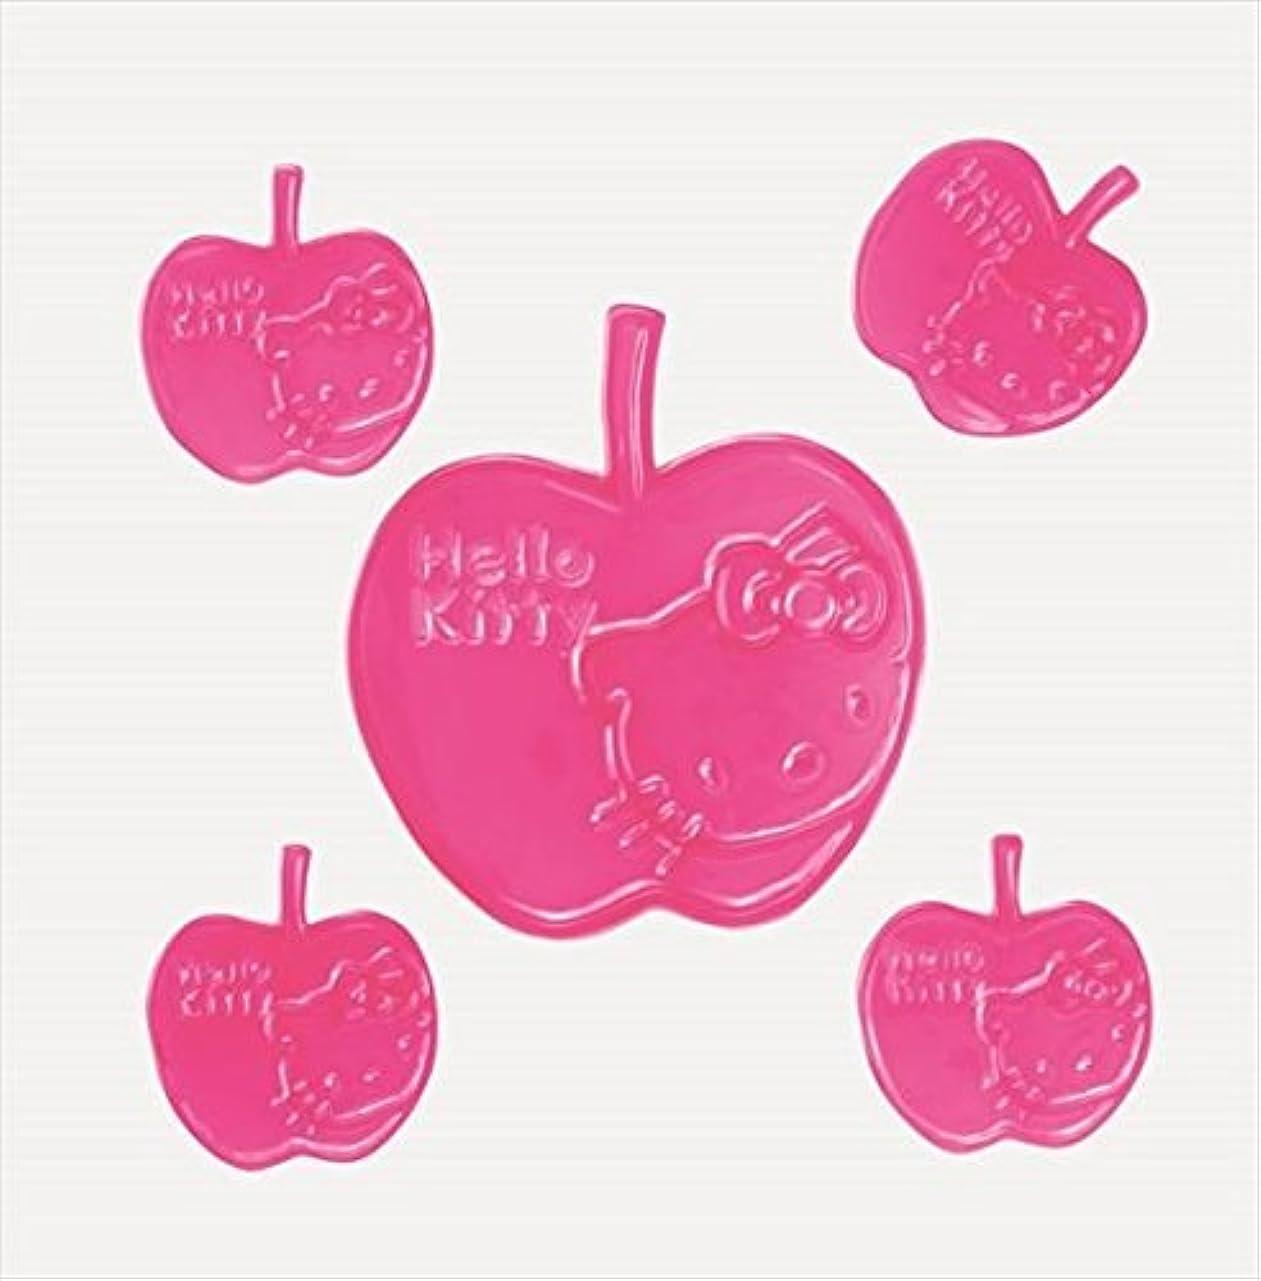 抑制雷雨ブリードGelGems(ジェルジェム) ジェルジェムハローキティバッグS 「 ピンクリンゴ 」 E1200002 キャンドル 200x255x5mm (E1200002)